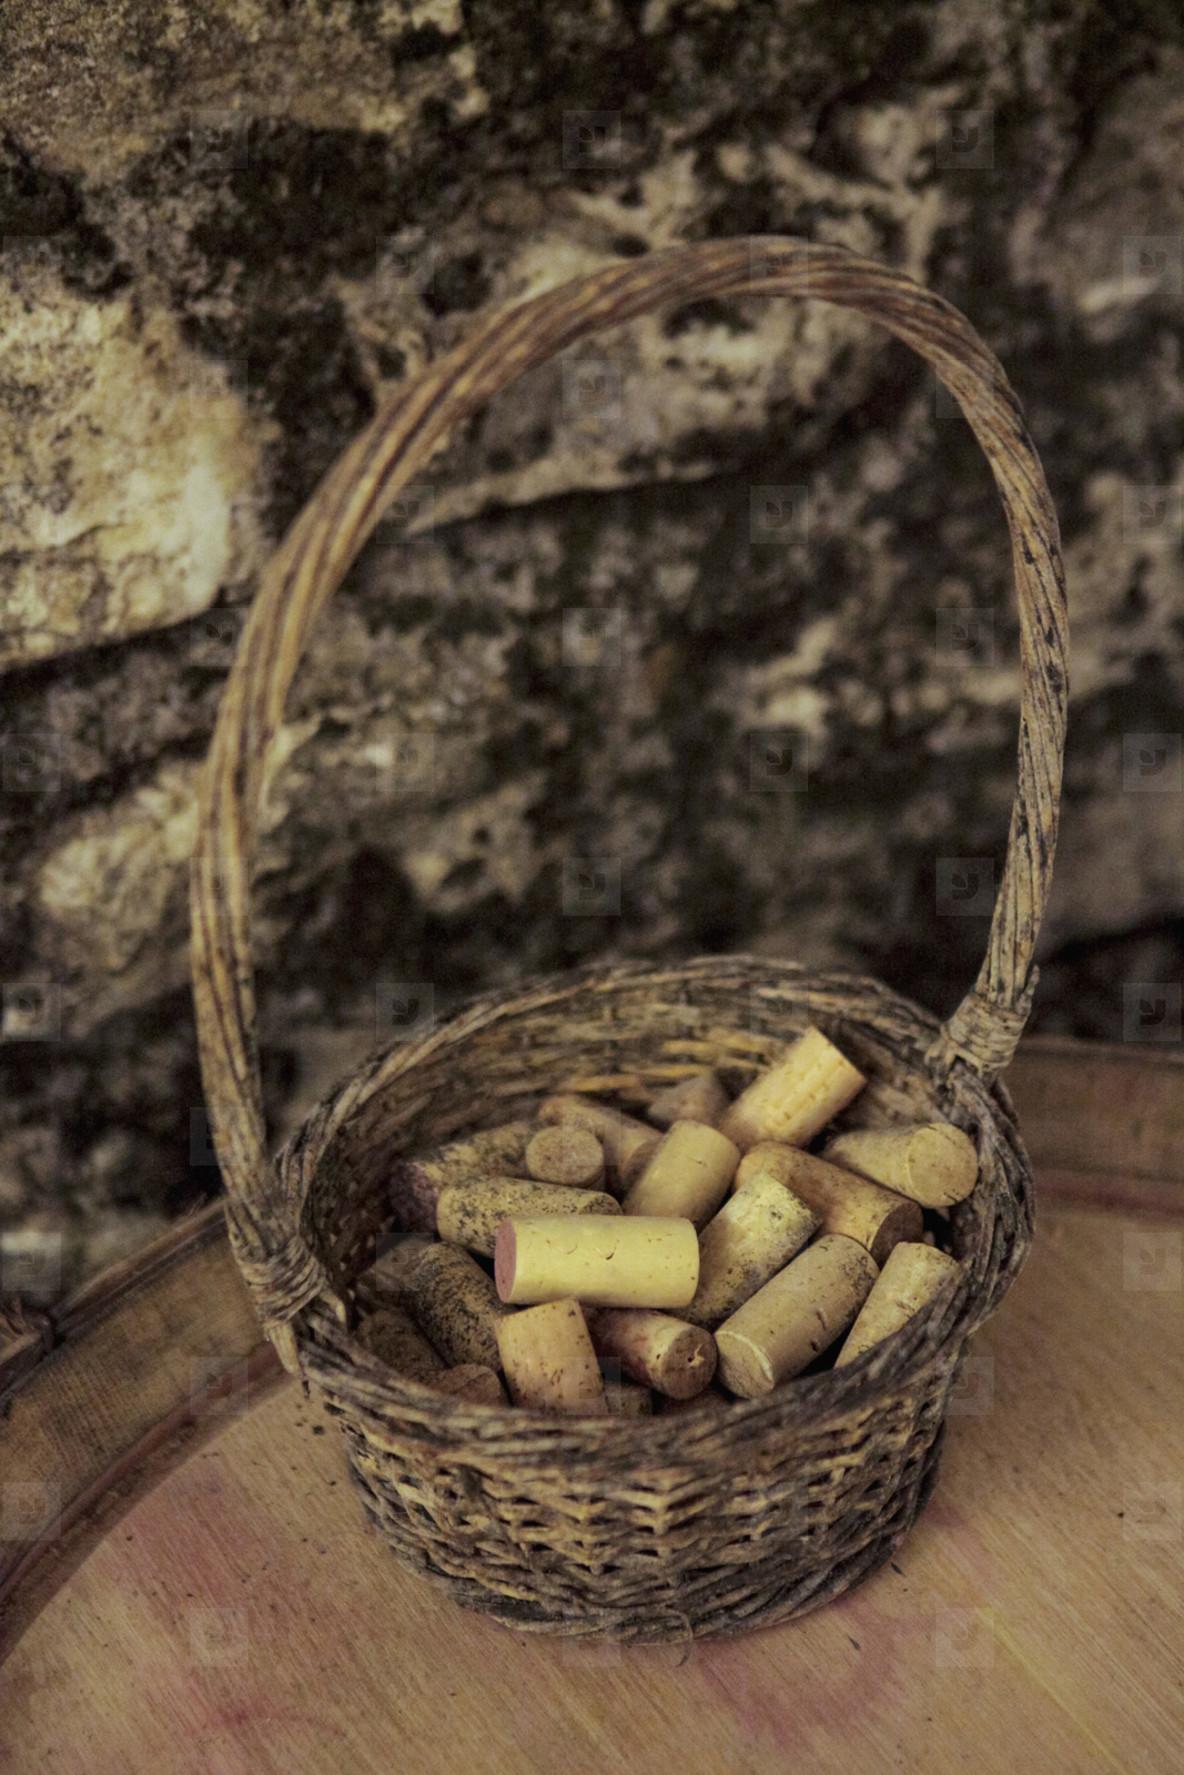 Wine corks in rustic basket on keg